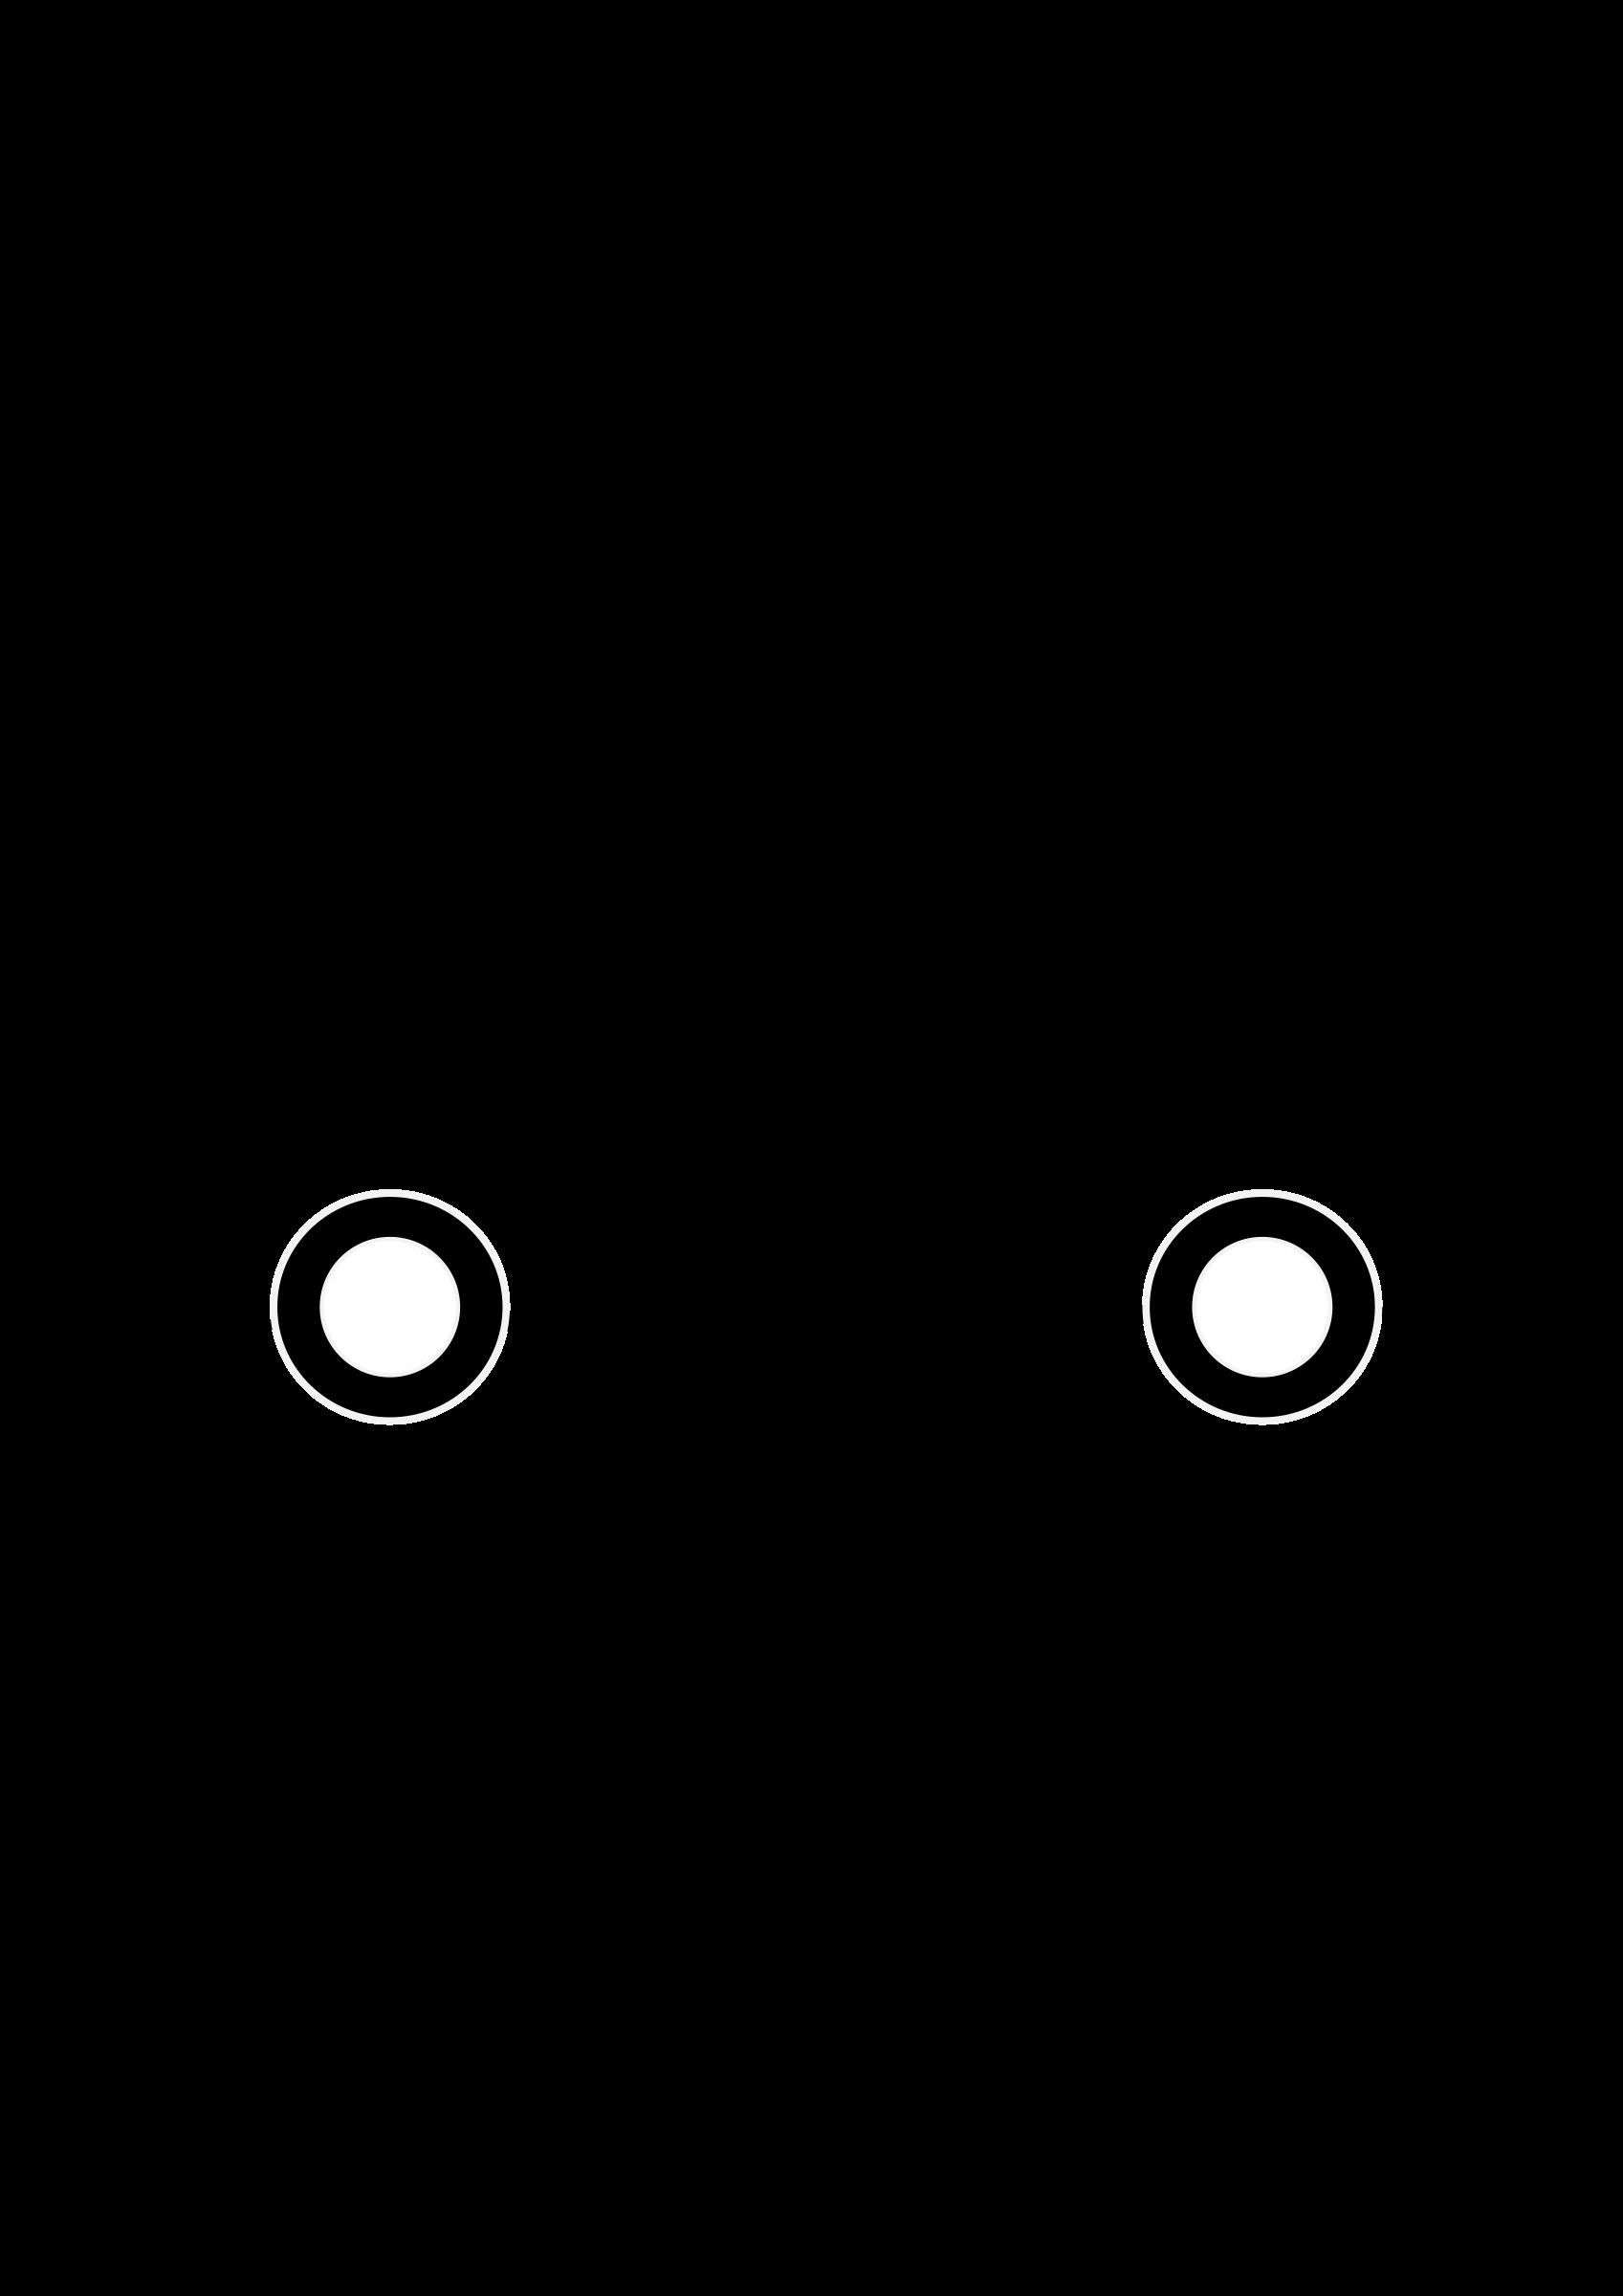 Car symbol clipart clip transparent stock Clipart - car icon 1 clip transparent stock